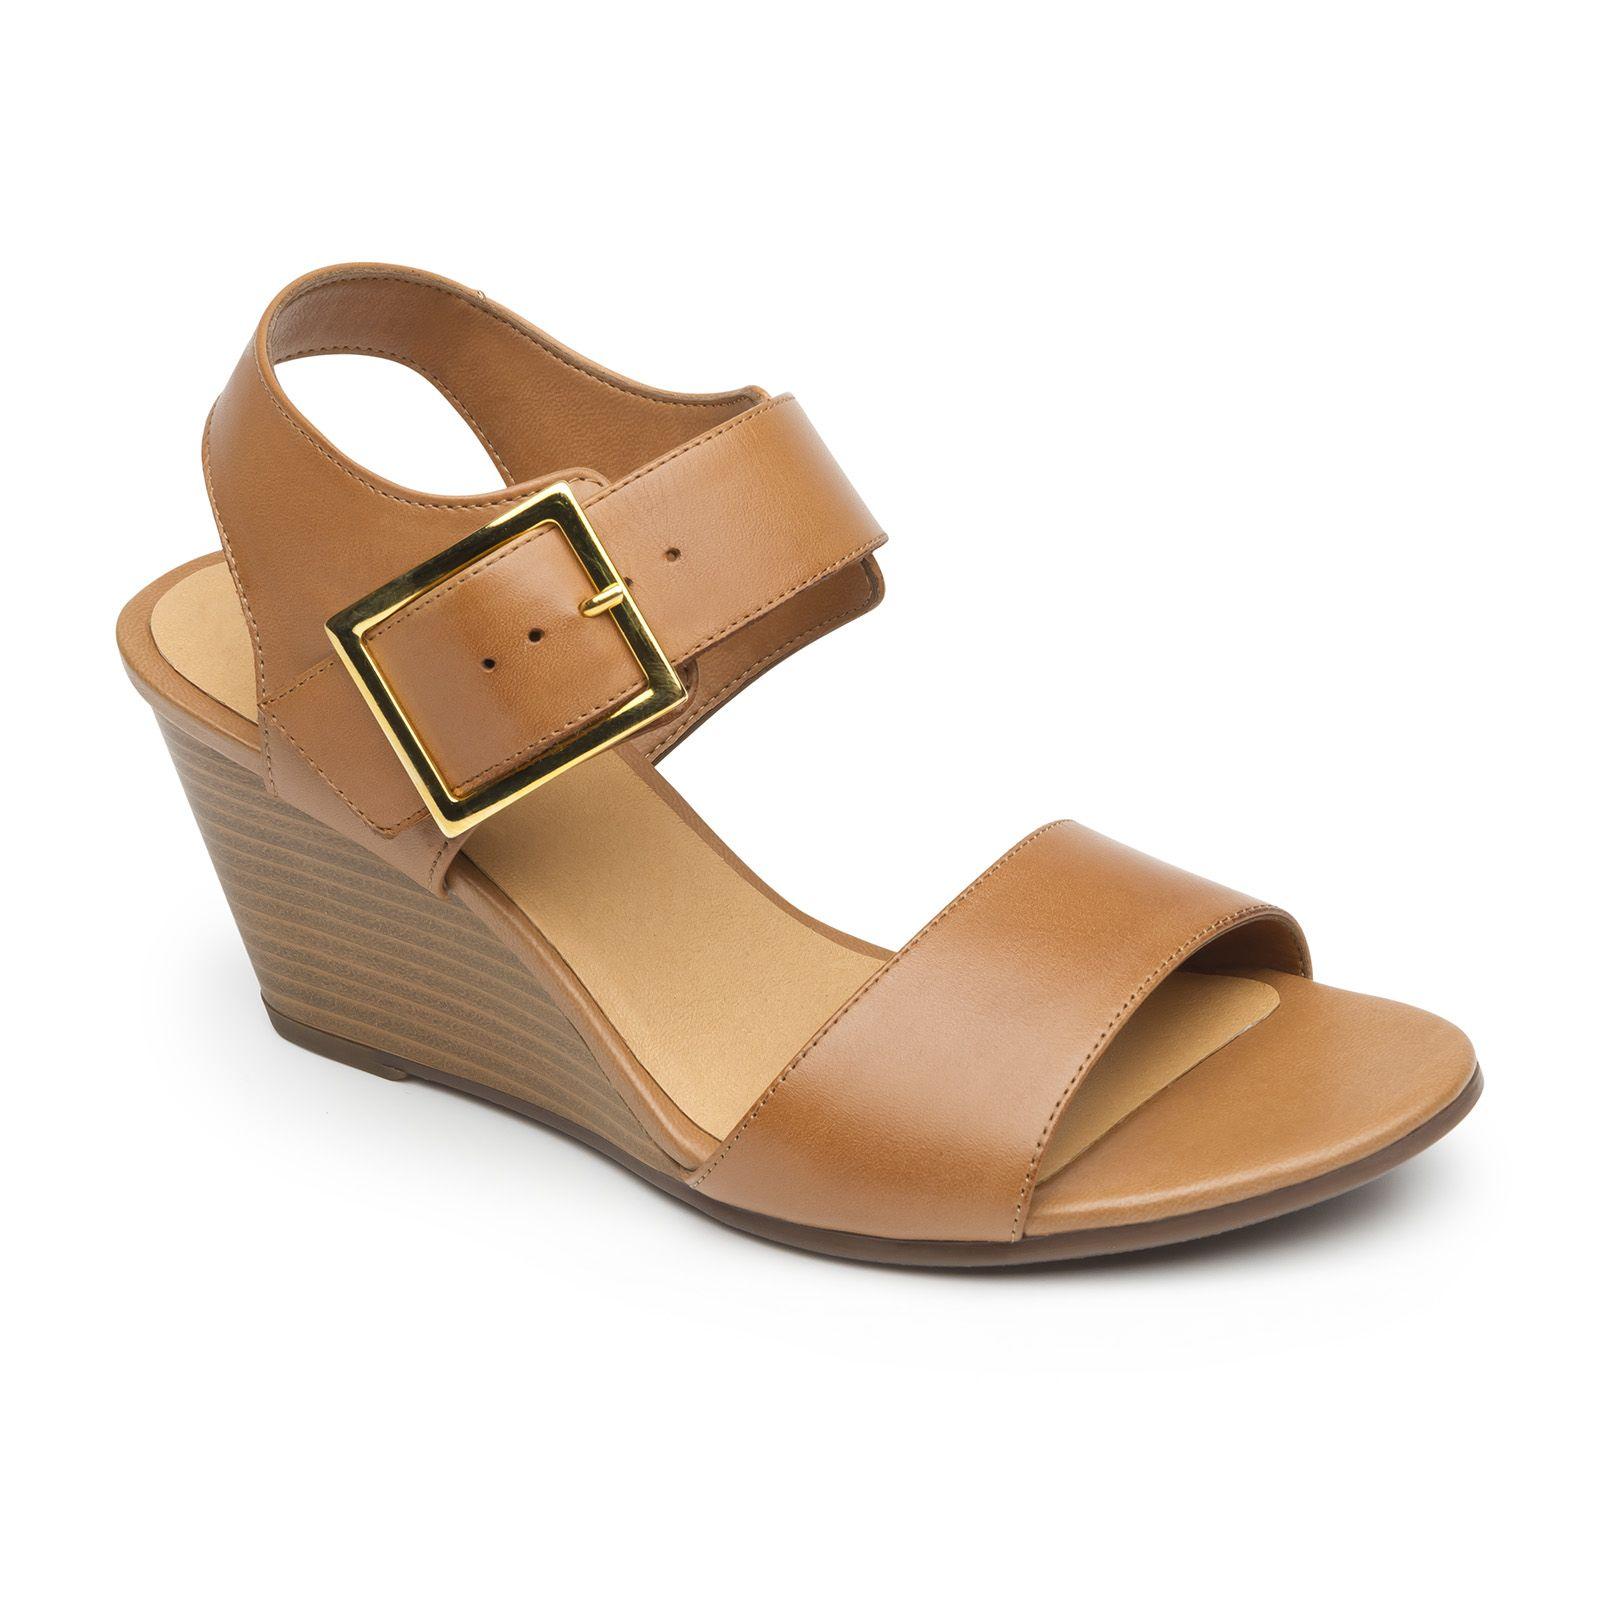 Nueva línea de sandalia de semi-vestir de cuña diseñada en dos estilos   sandalia e519449f9b2e